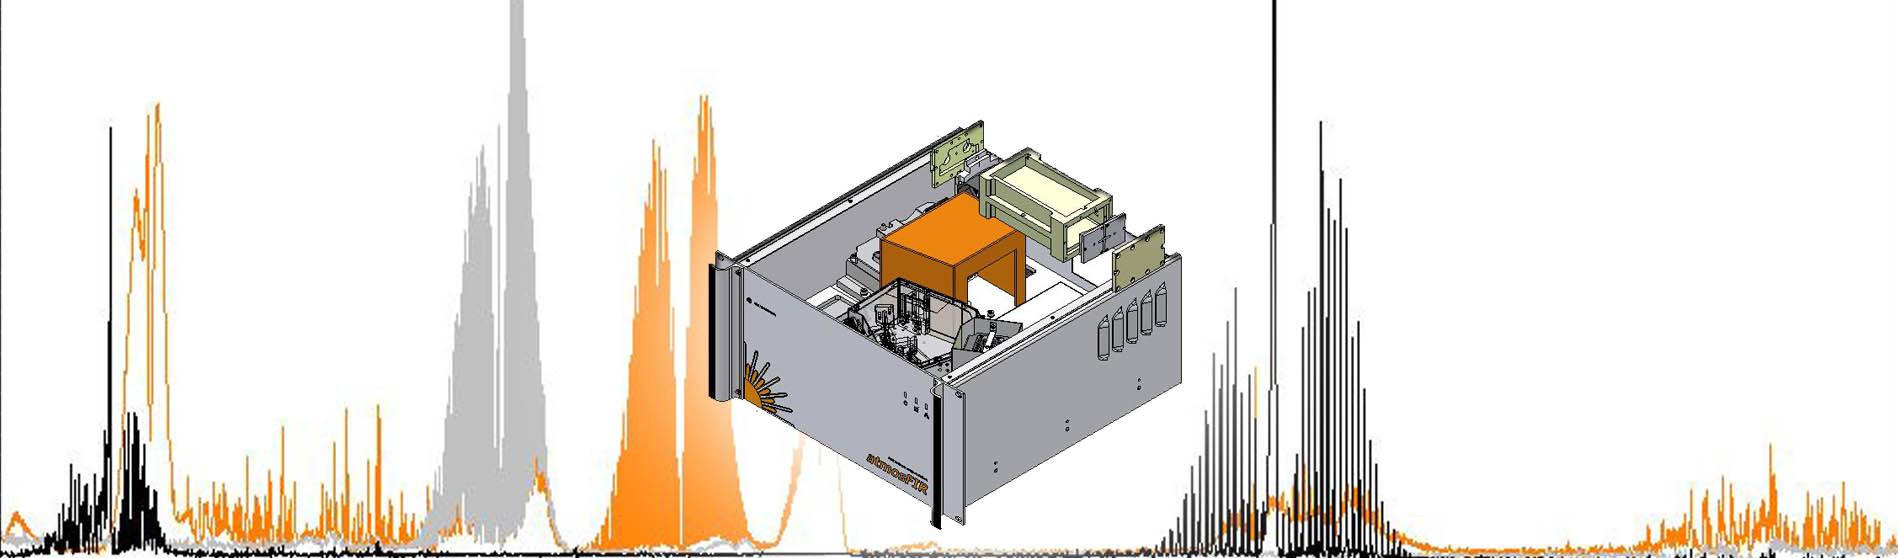 کاربردهای پیشرفته طیف سنج مادون قرمز